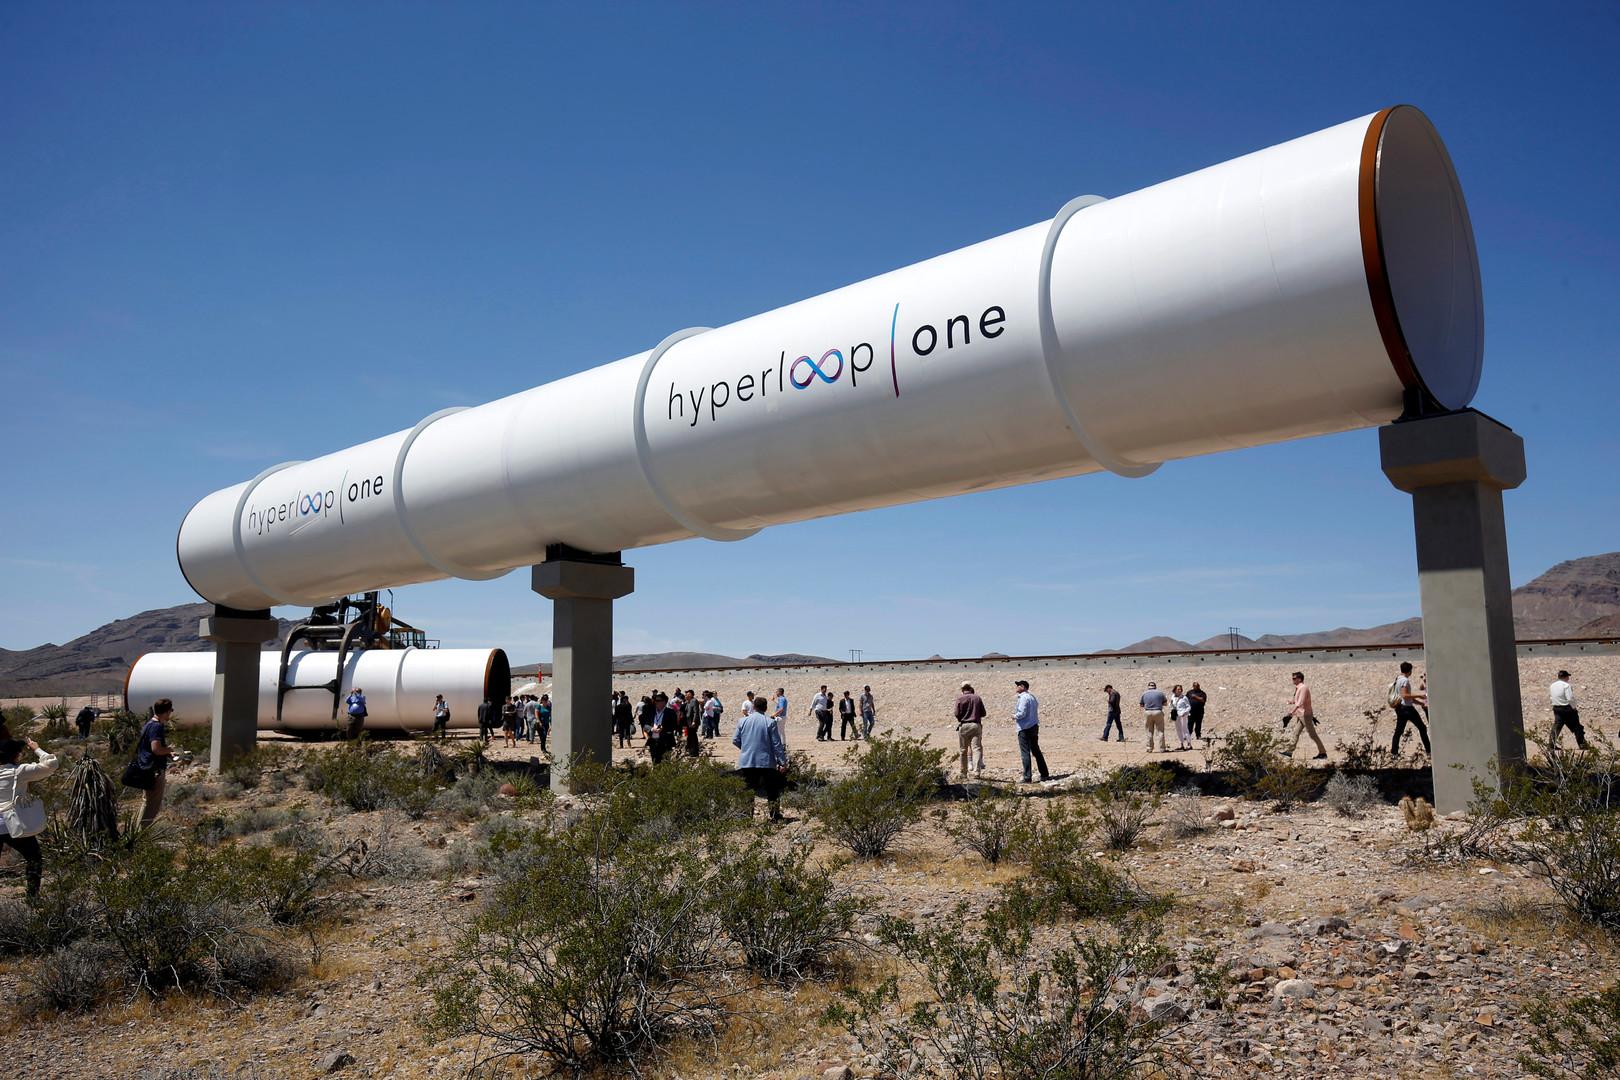 На Восток быстрее звука: Россию и Китай может соединить сверхскоростной поезд Hyperloop